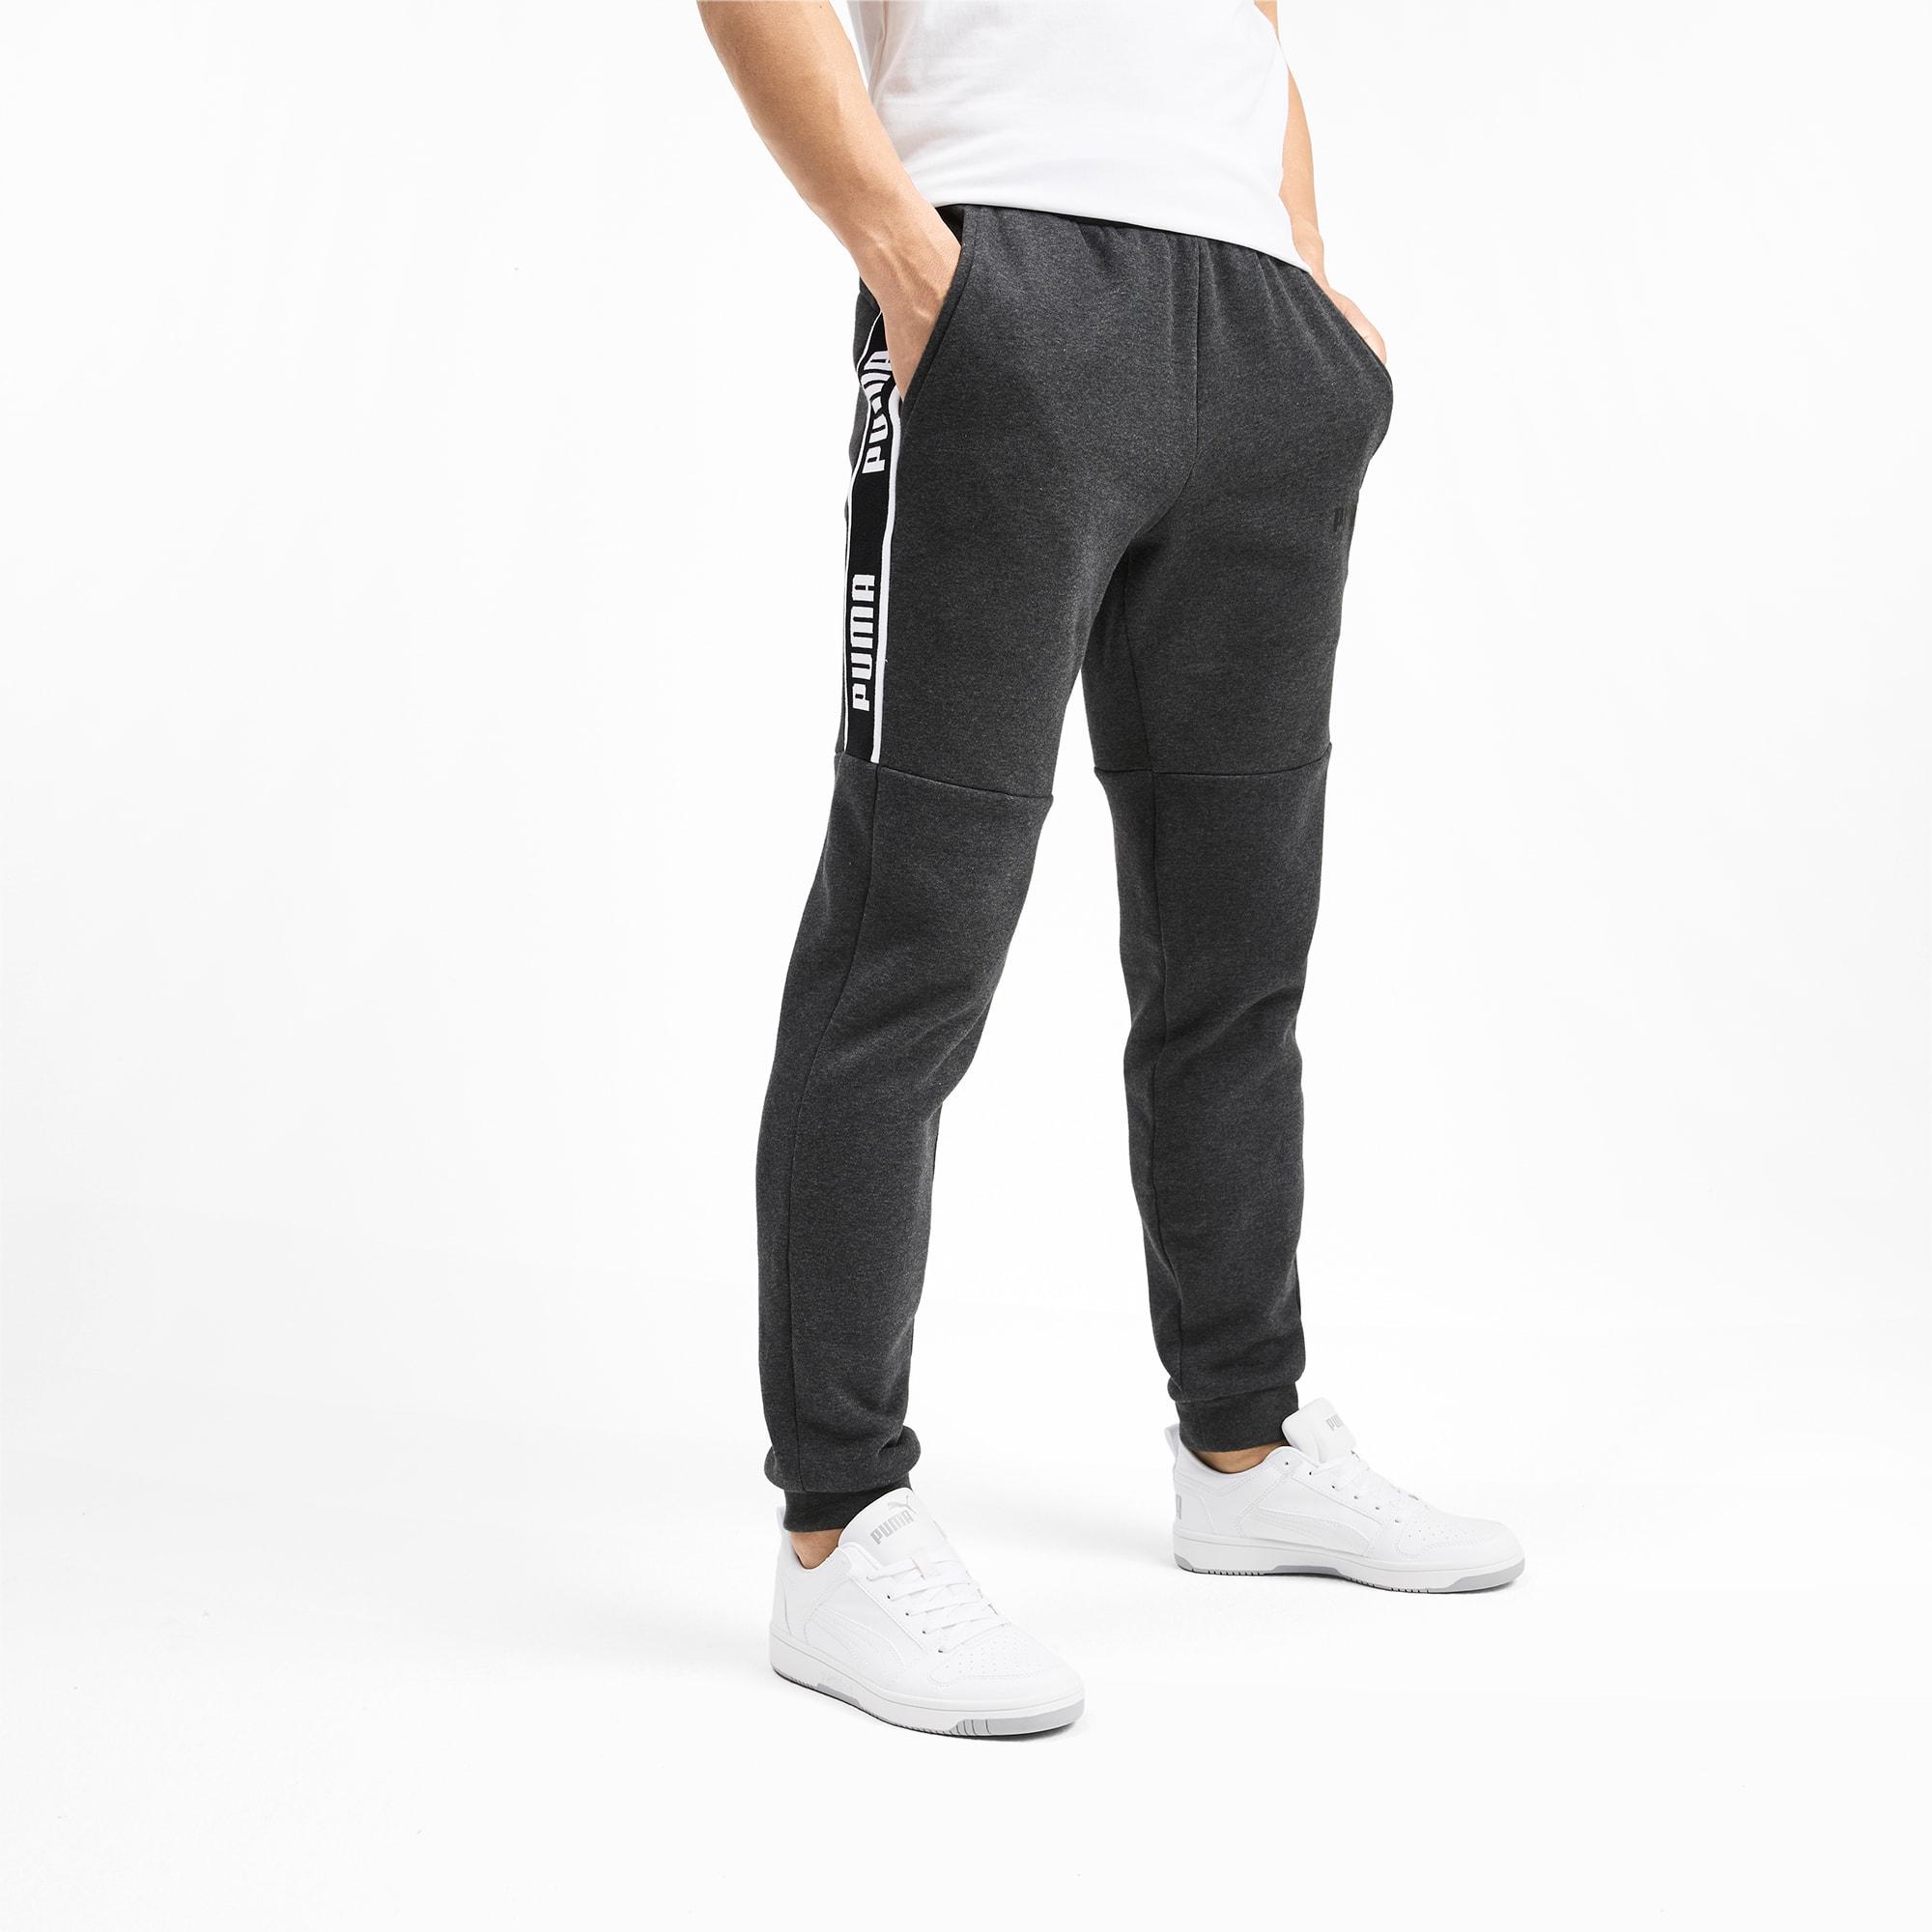 Amplified Men's Fleece Pants